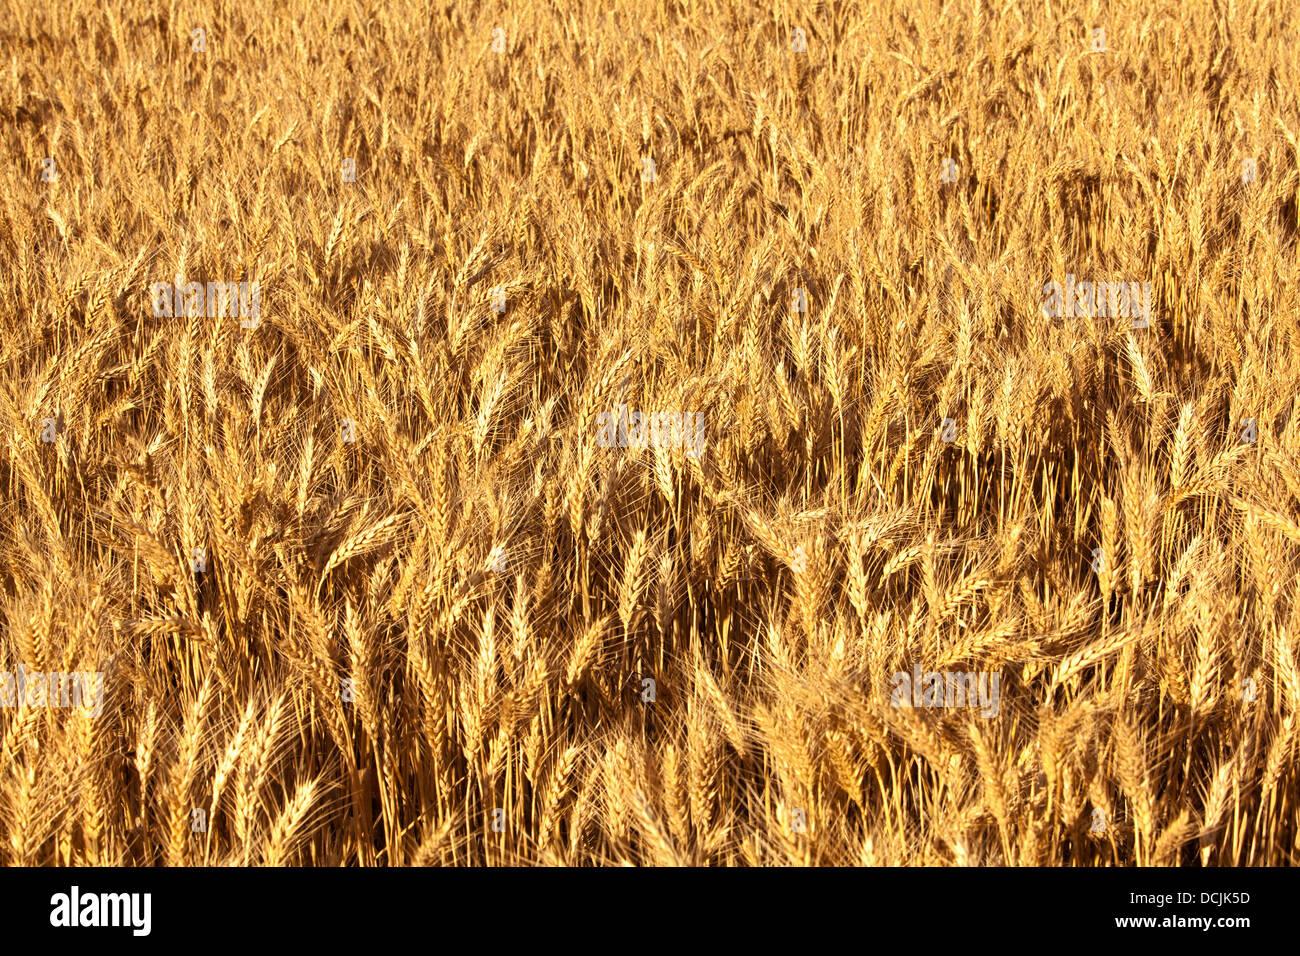 Lista para la cosecha de trigo en tierras de cultivo en la mitad norte de Australia del Sur Imagen De Stock